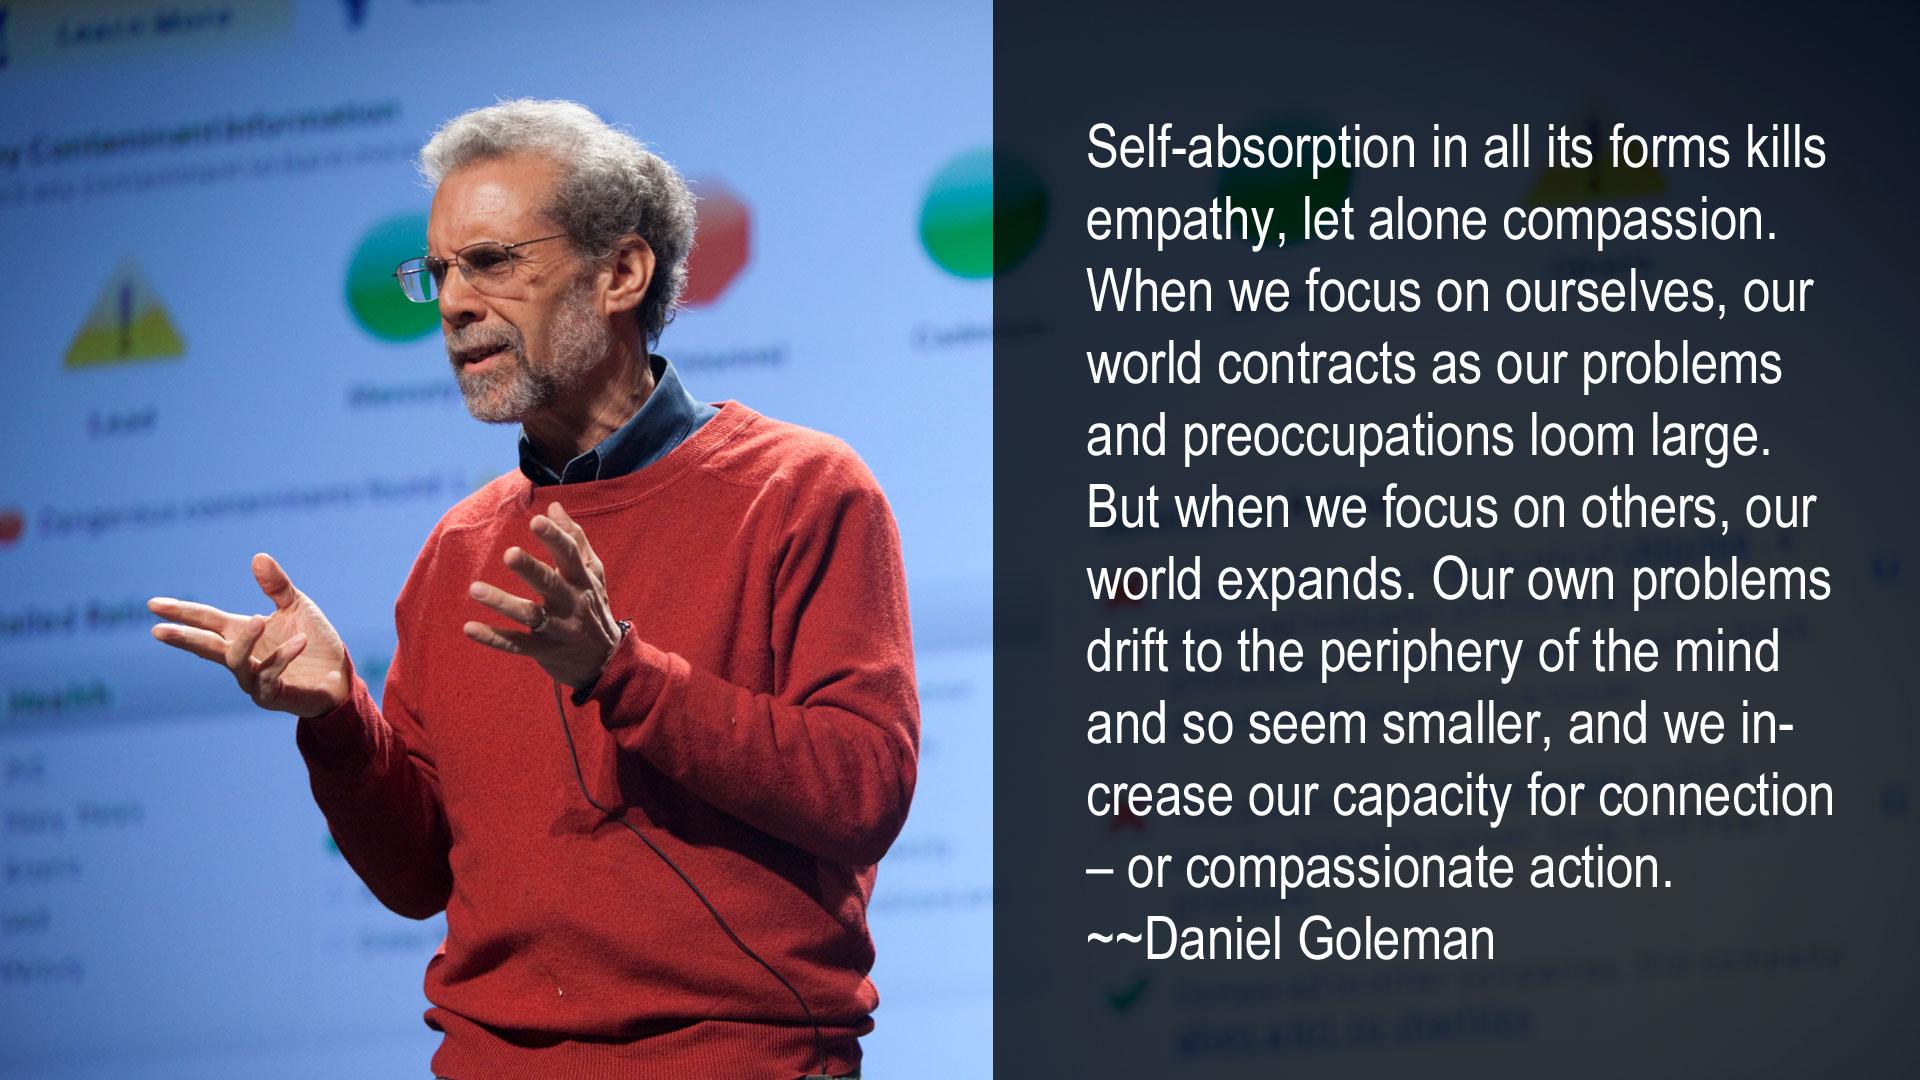 Daniel Goleman's quote #5